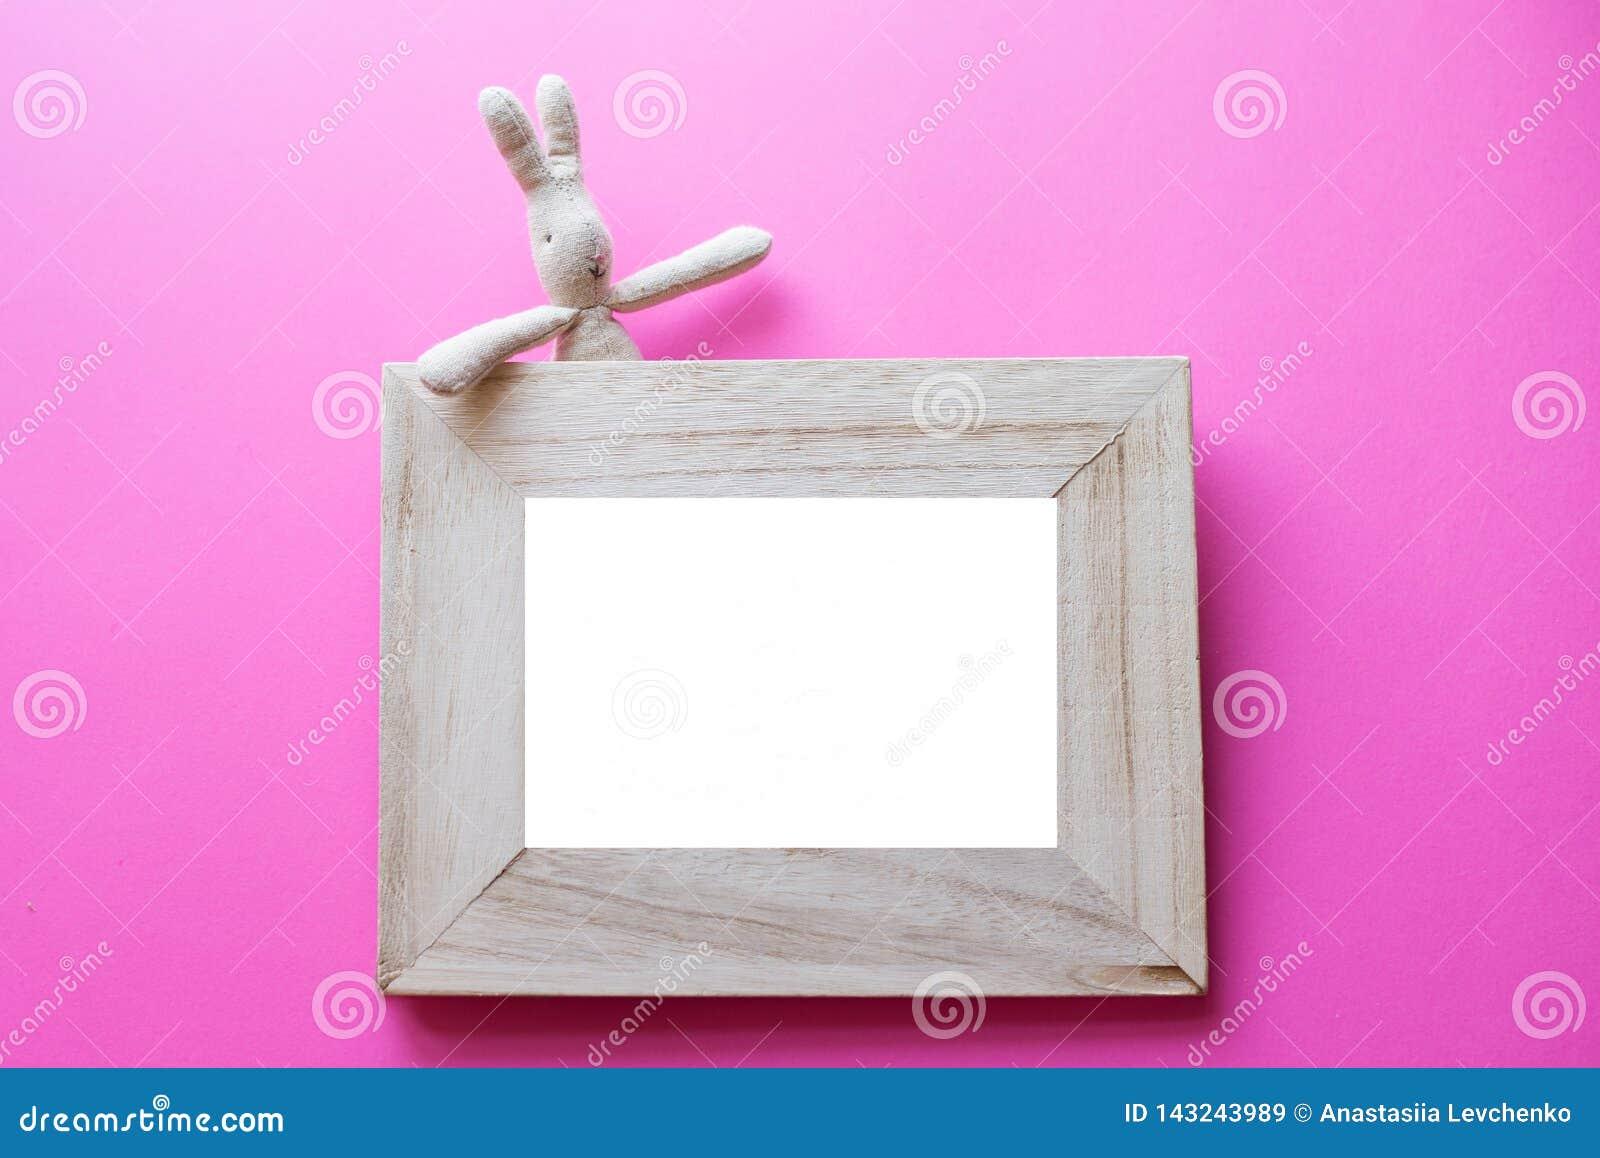 Дети обрамляют для фото с детьми забавляются на розовой предпосылке рамка дня рождения